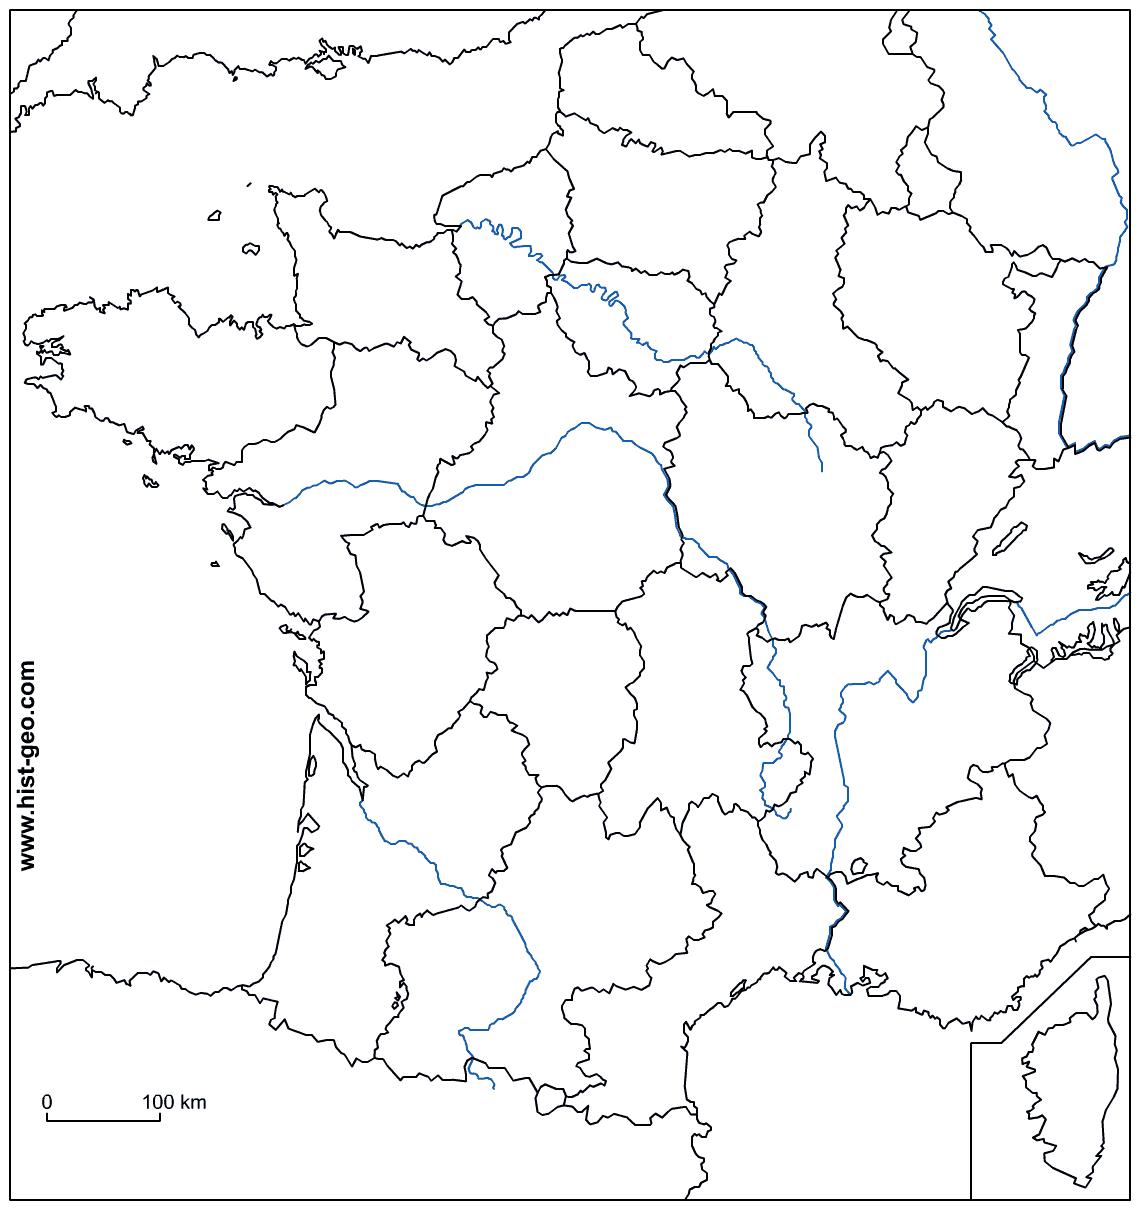 Fond De Carte - France (Frontières, Fleuves Et Régions) pour Fond De Carte France Fleuves